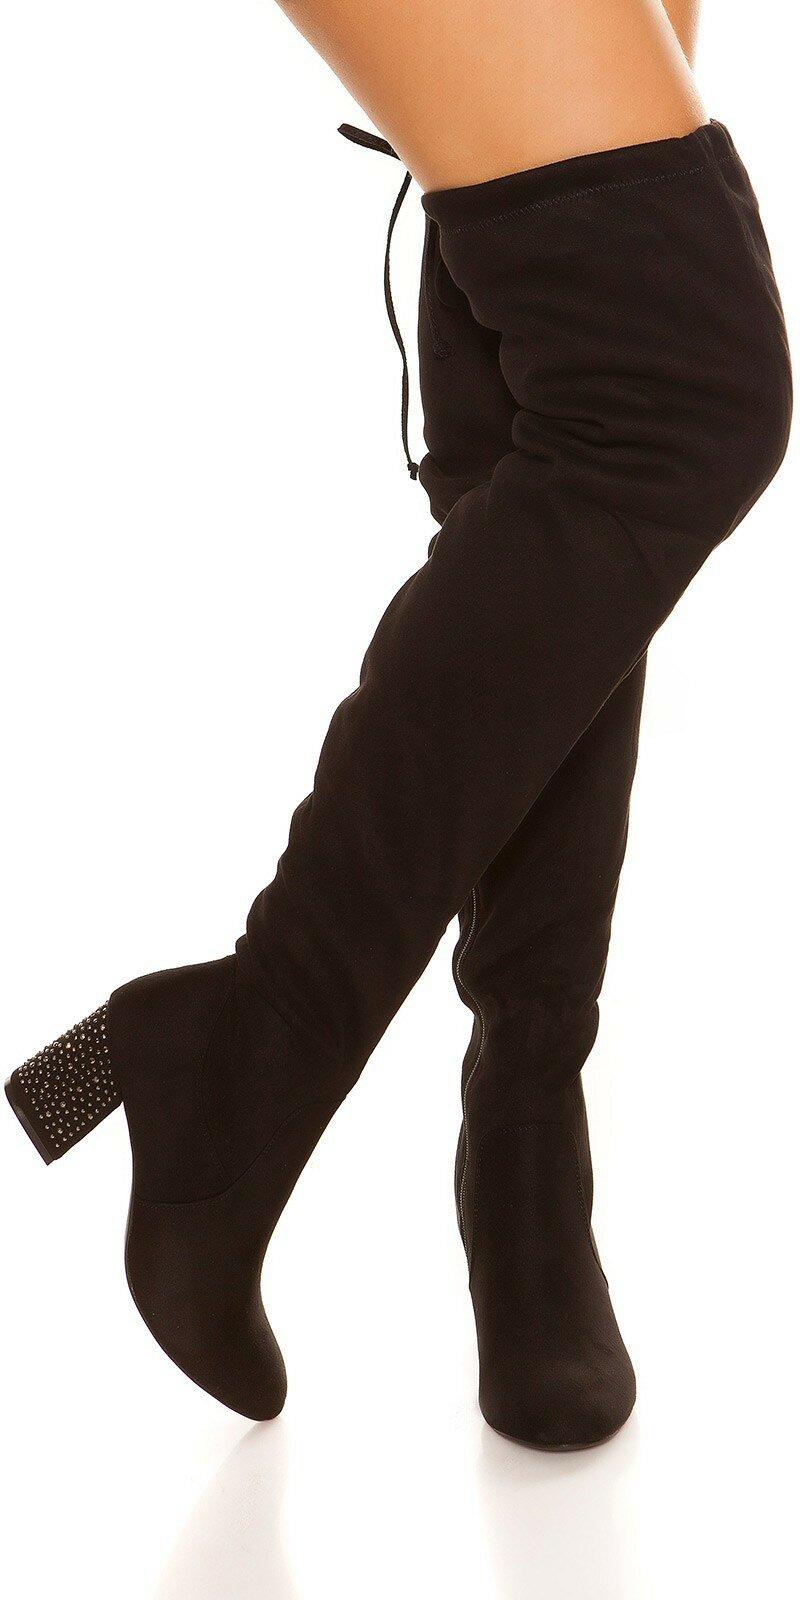 802771813300 Vysoké semišové čižmy na opätku  Velkosť topánok 36 Farba Čierna